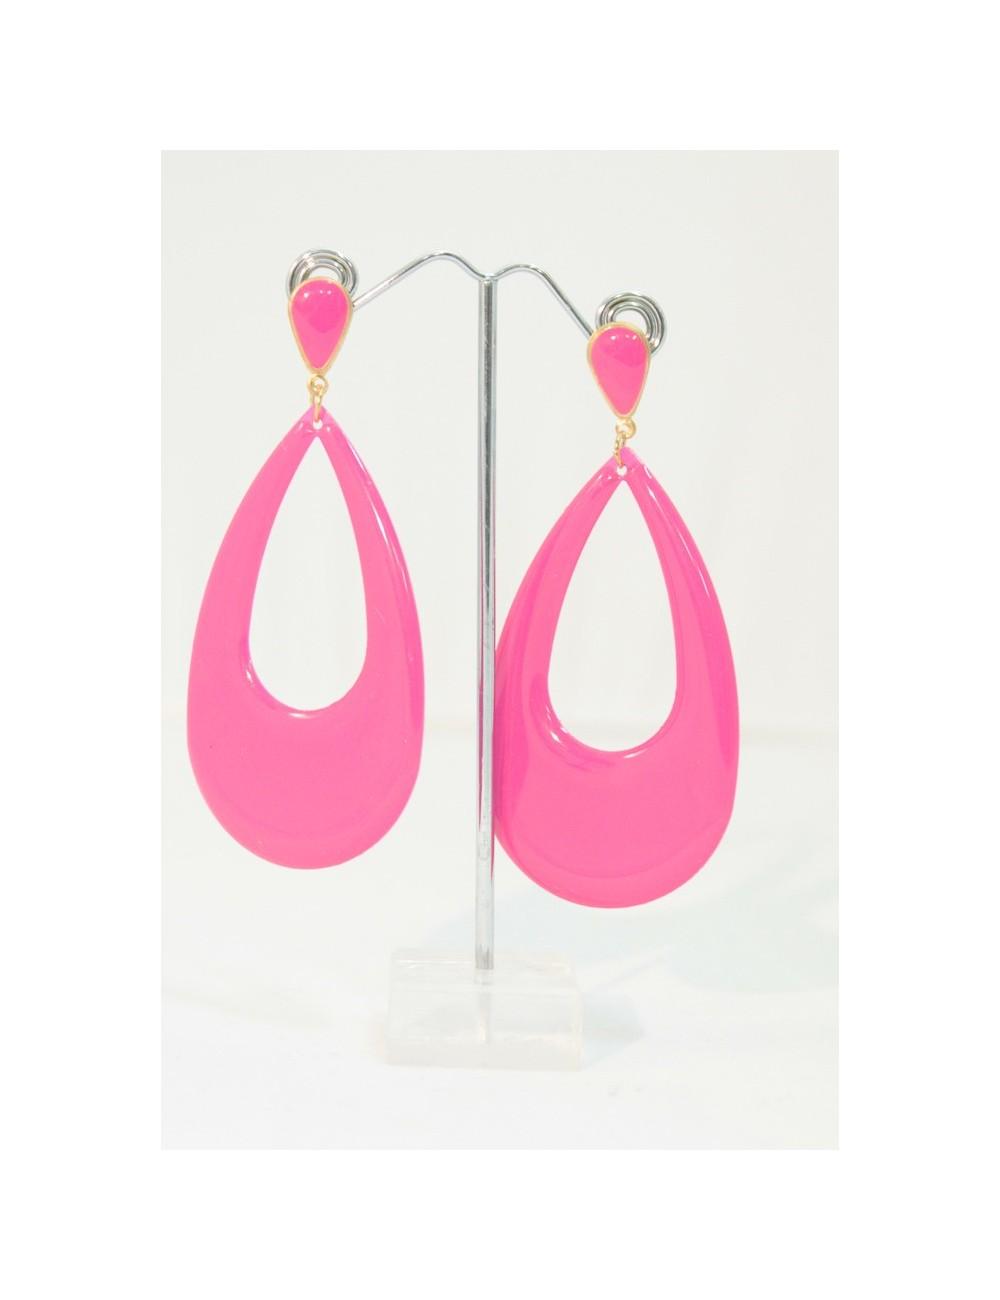 Boucles d'oreilles flamenco roses goutte